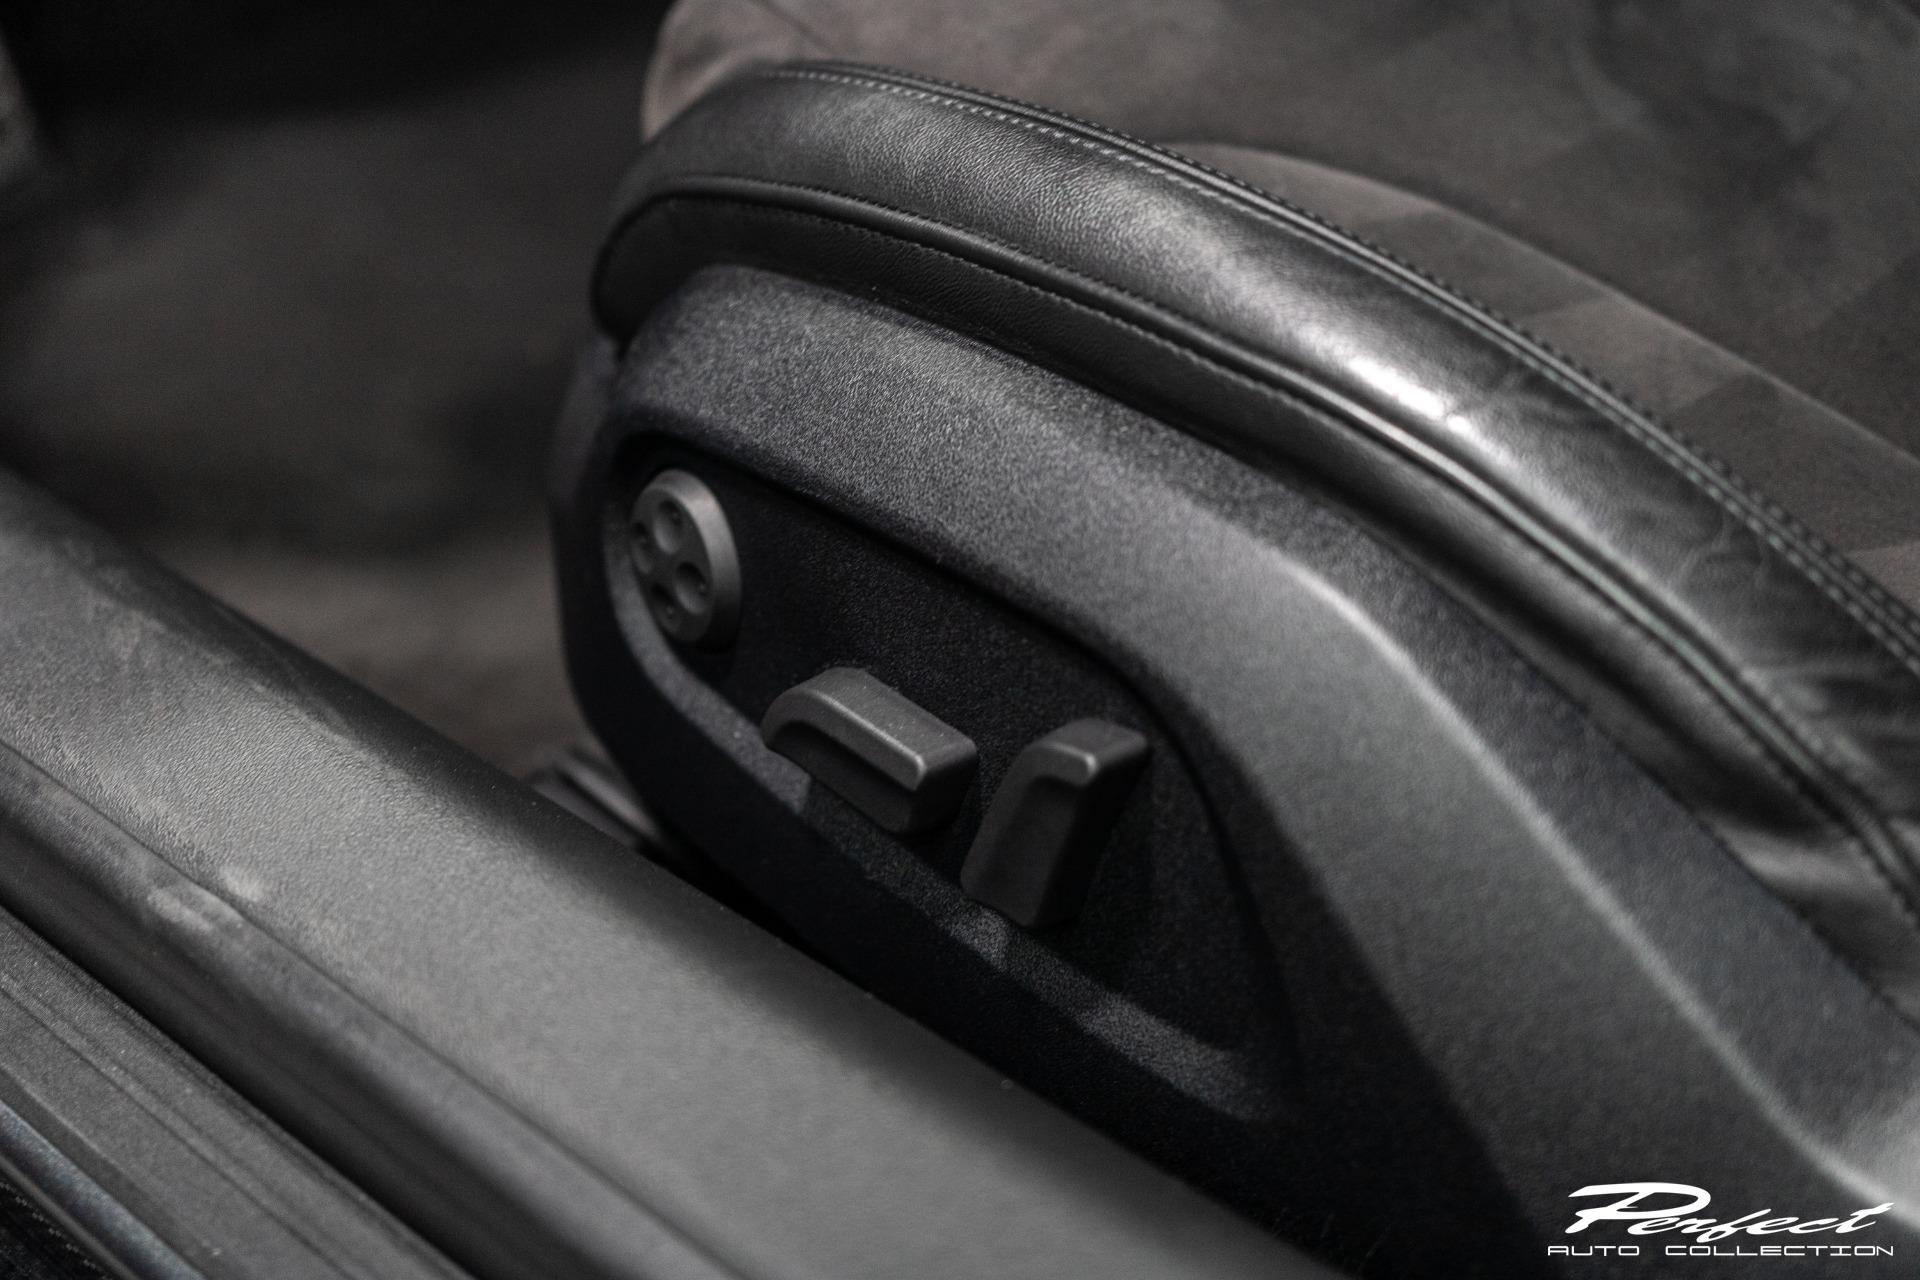 Used 2012 Audi R8 42 quattro